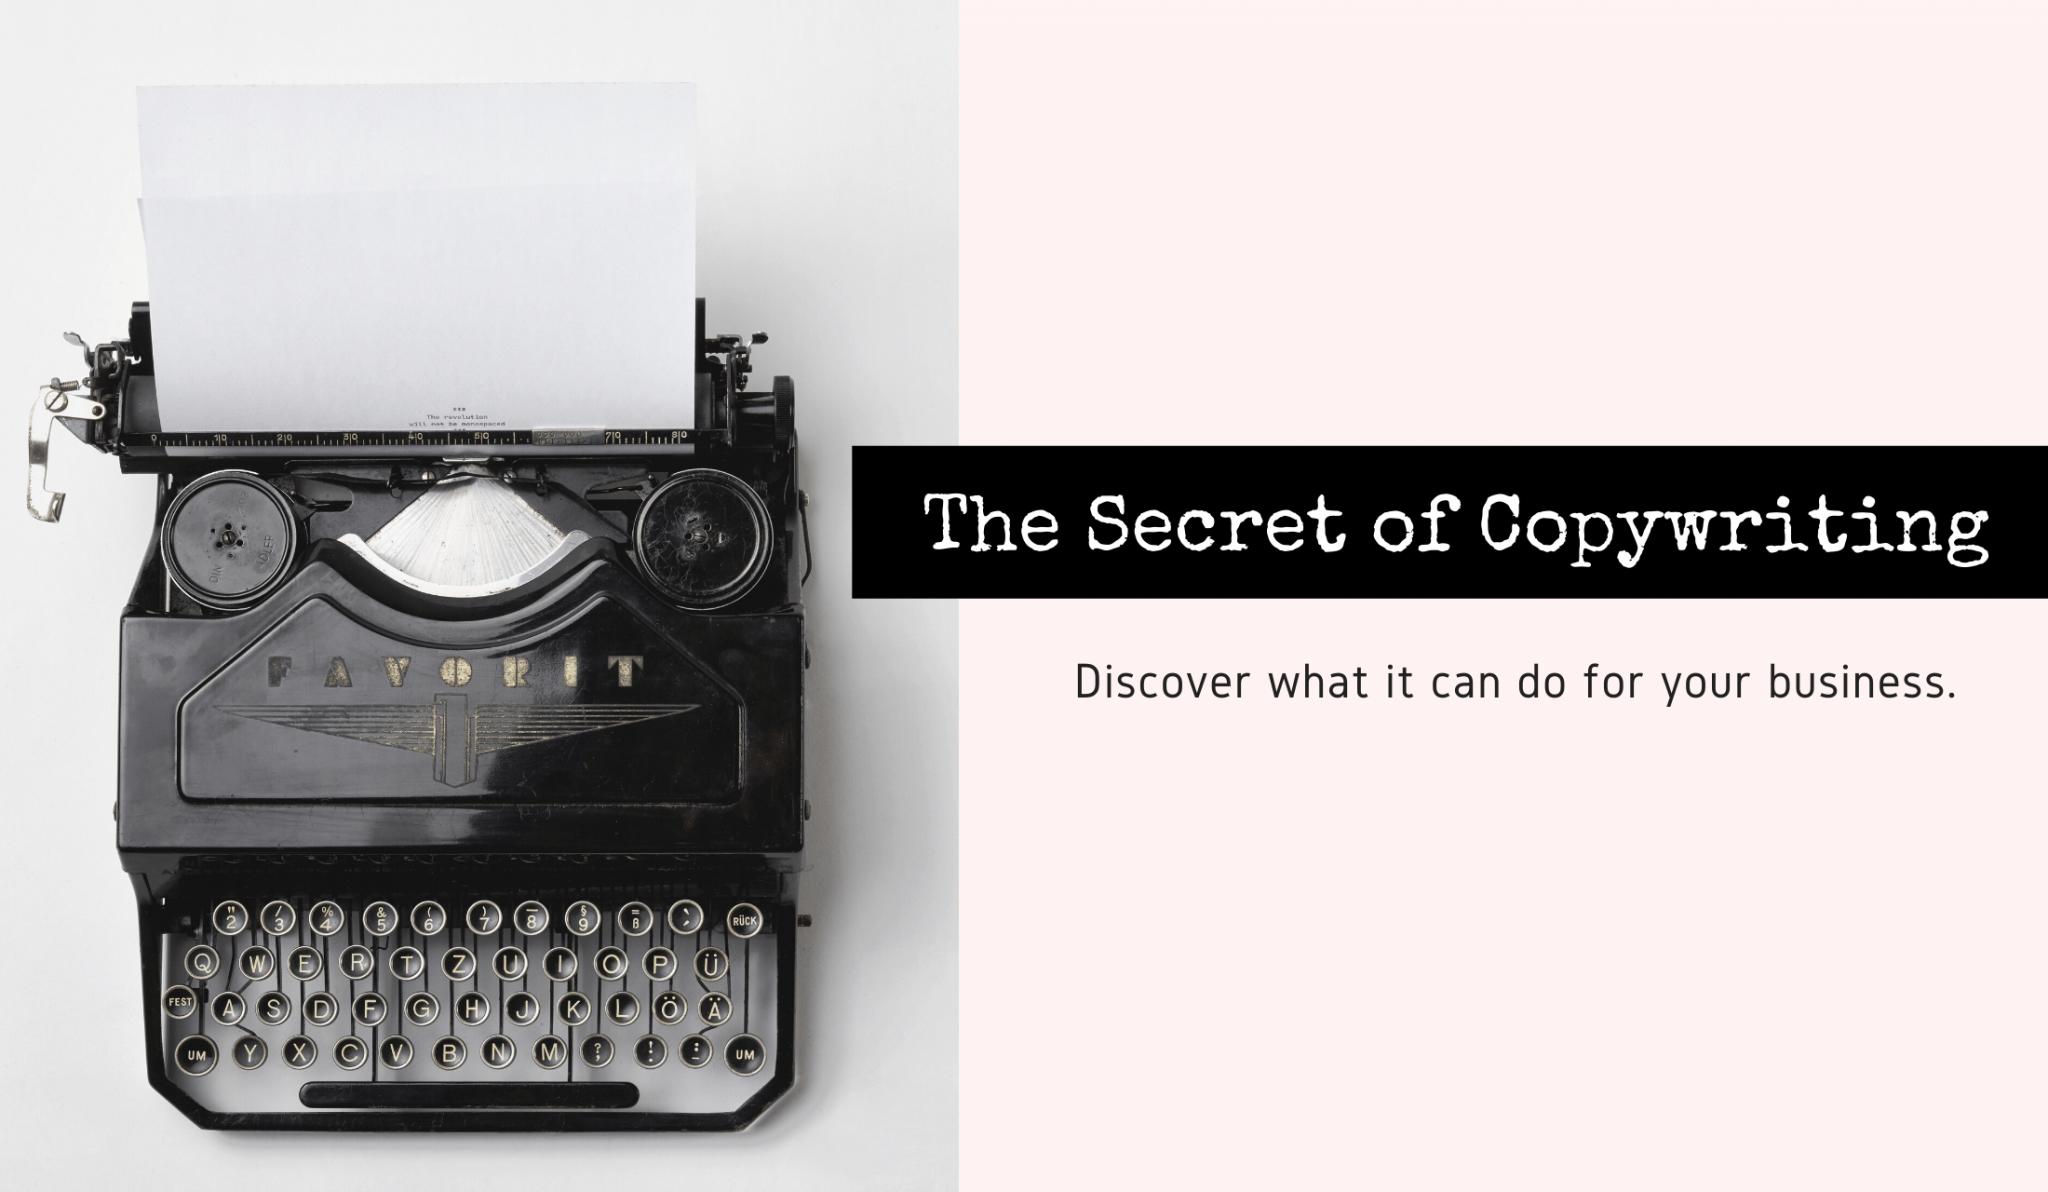 The Secret of Copywriting